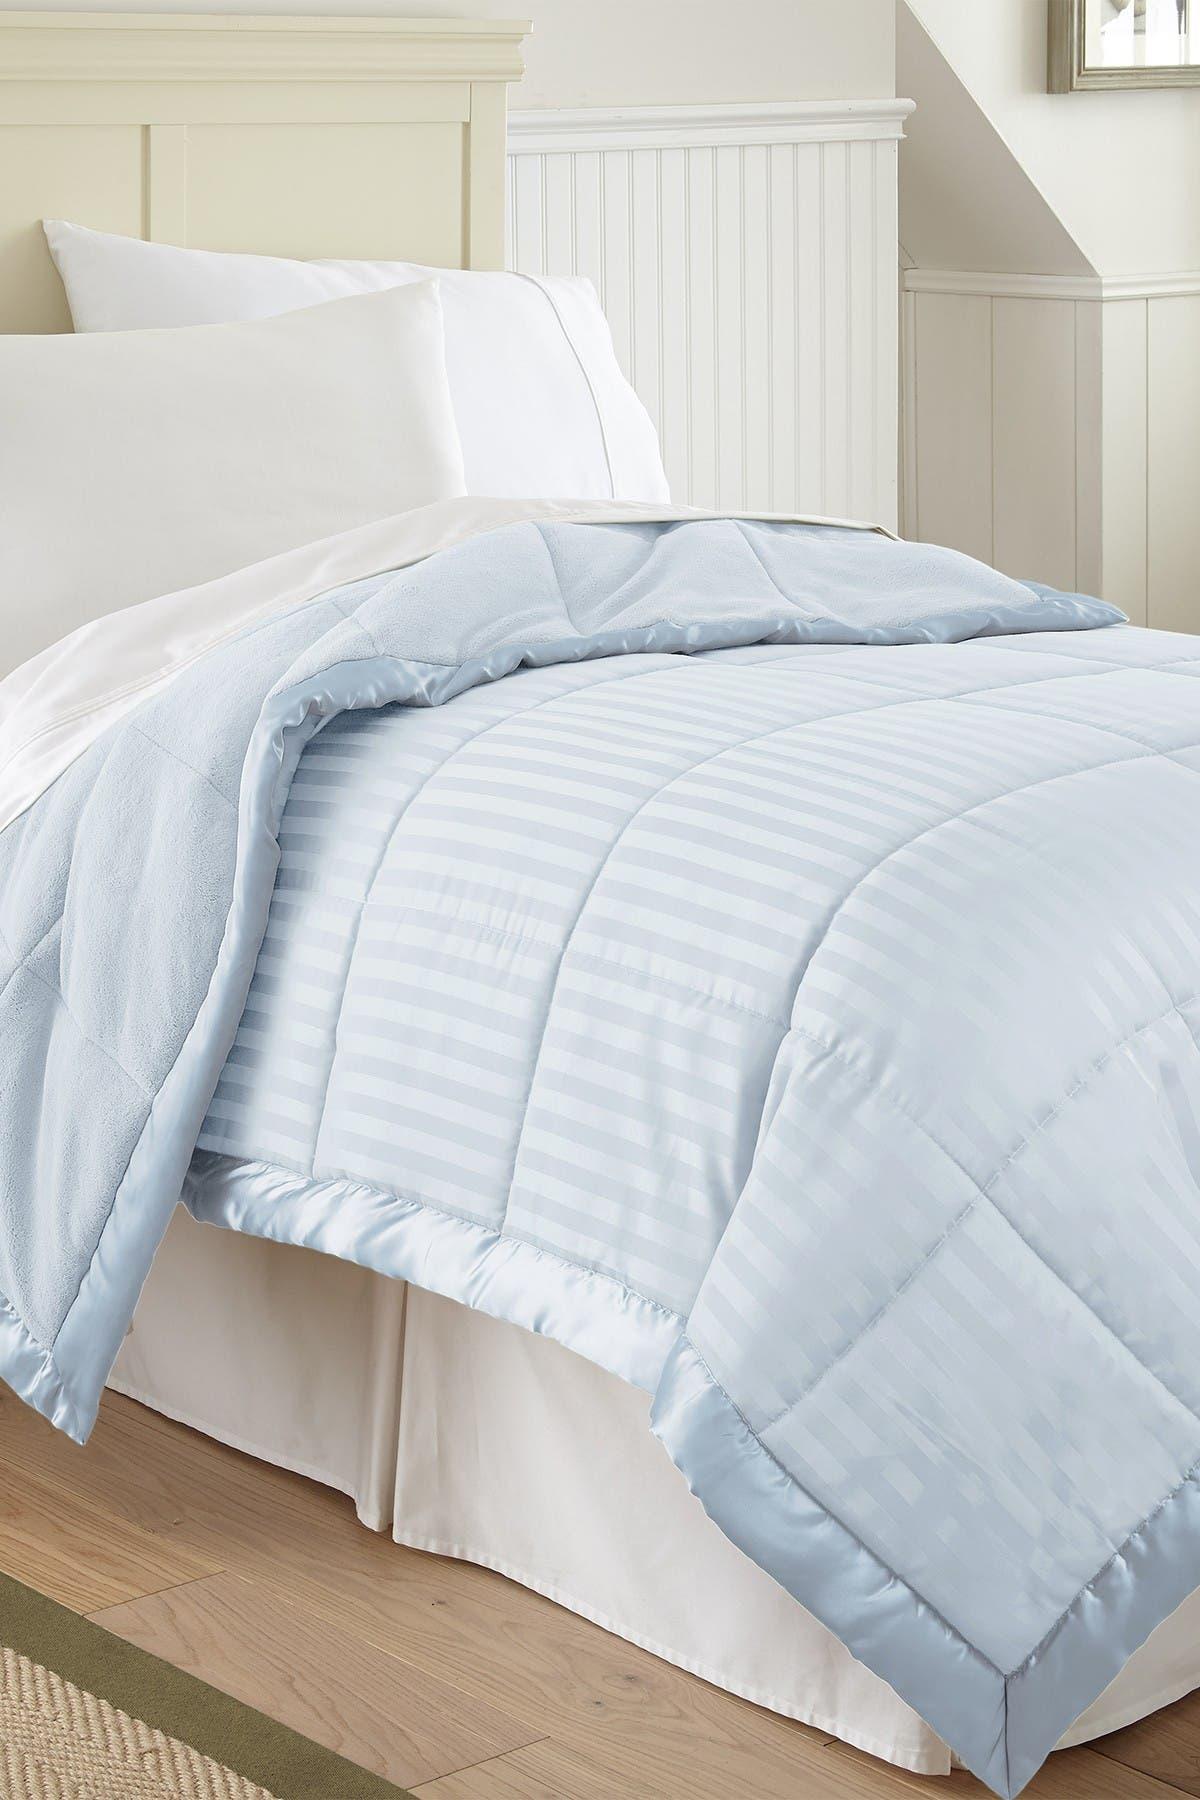 Modern Threads Full/Queen Down Alternative Blanket - Blue at Nordstrom Rack